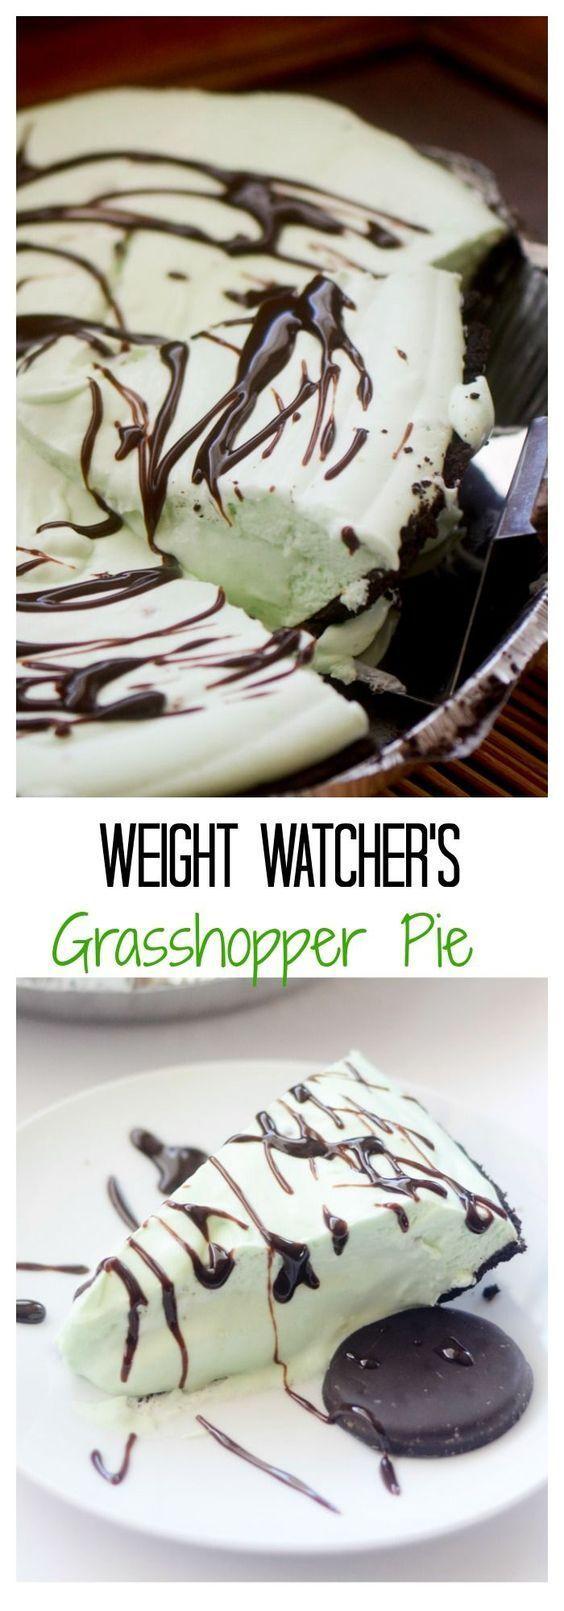 Weight Watcher's Grasshopper Pie - Recipe Diaries #mint